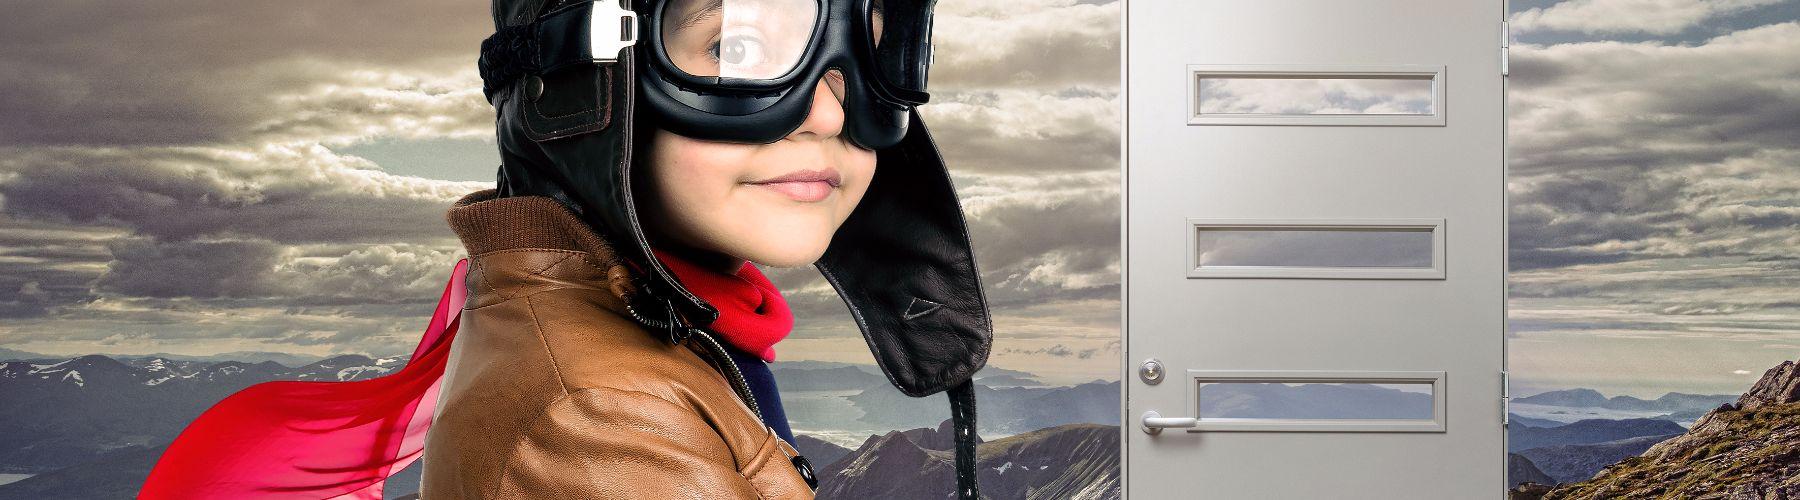 Bygg 1 Mediabank cover image